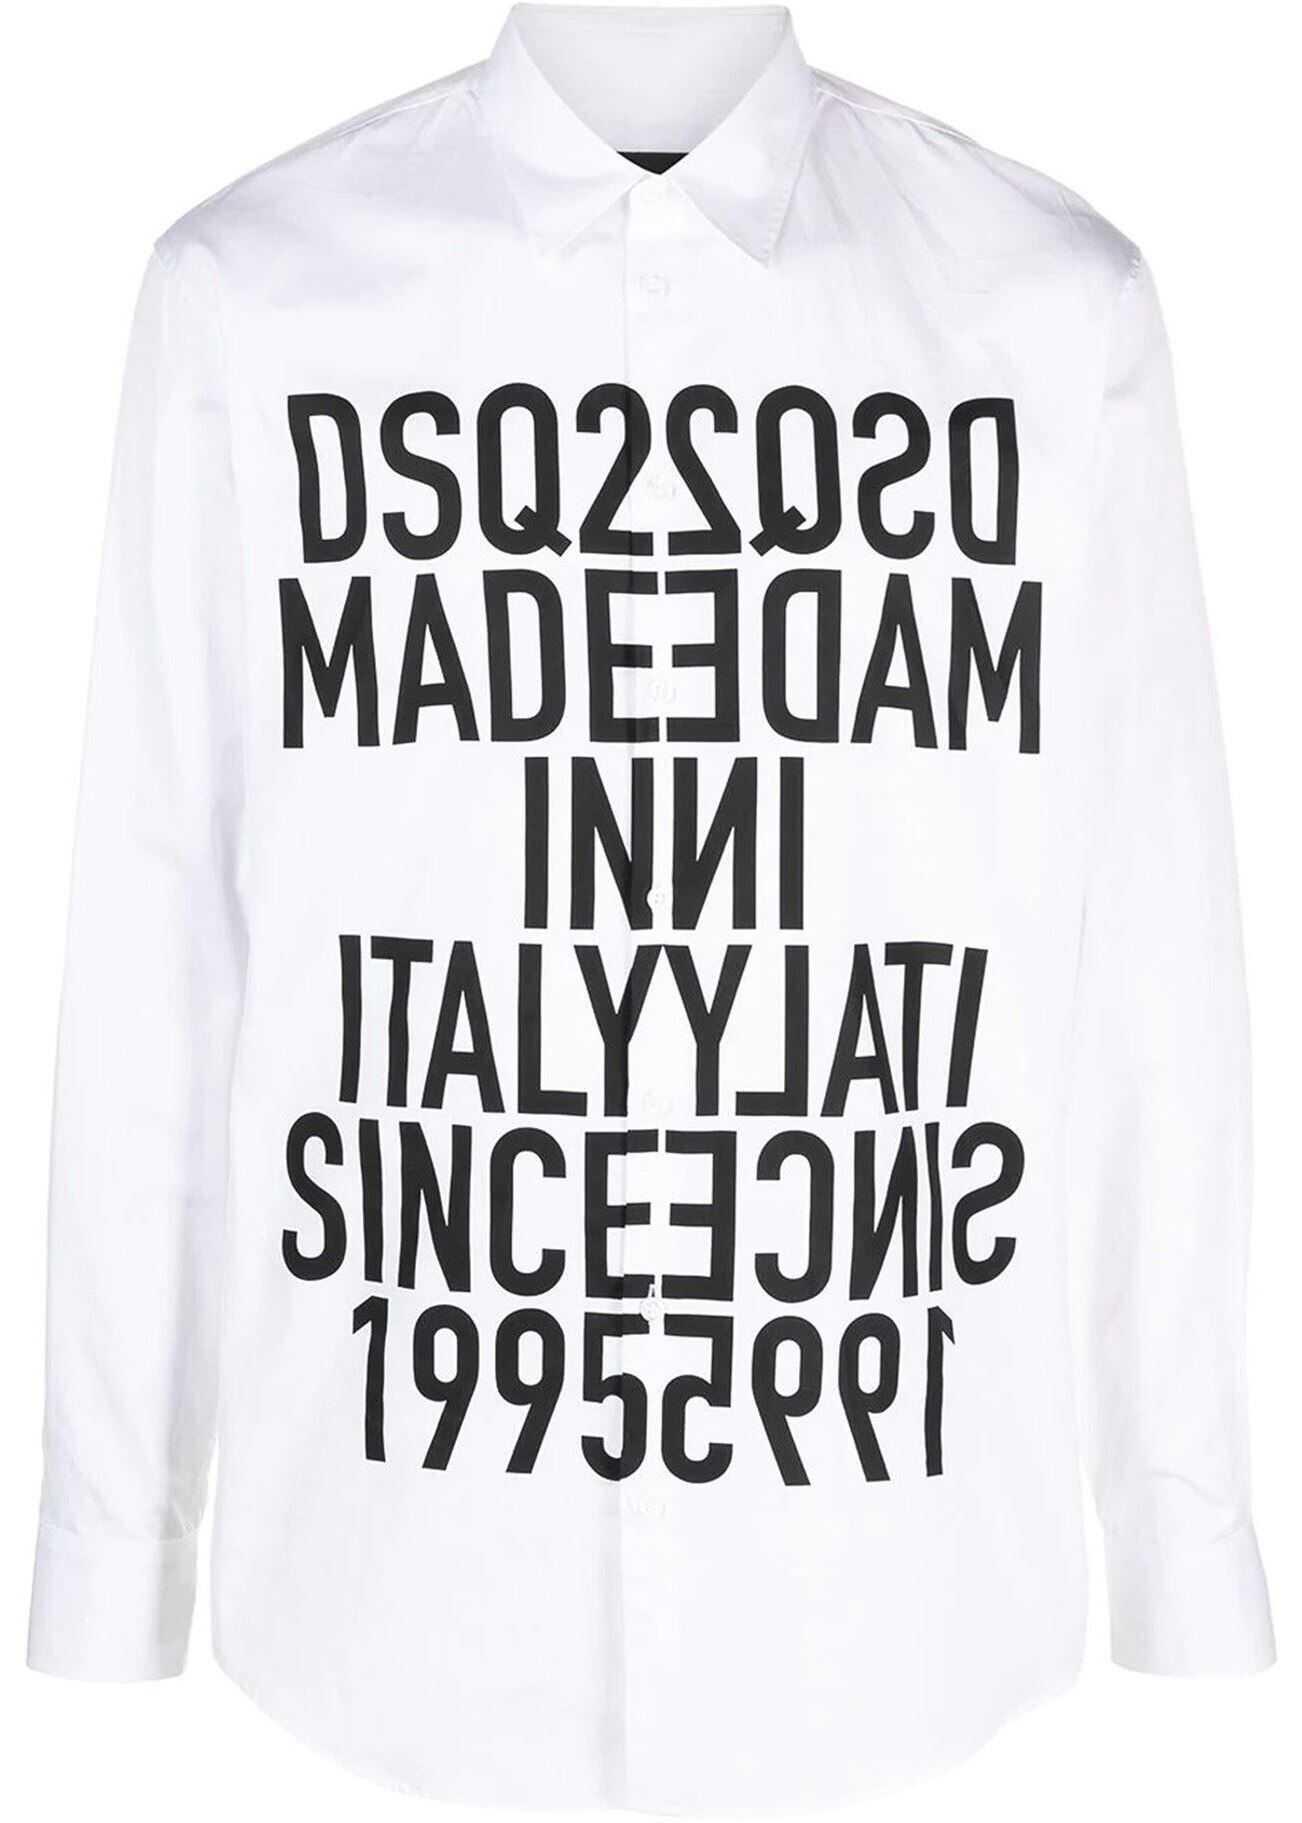 DSQUARED2 Dan Printed Cotton Shirt In White White imagine